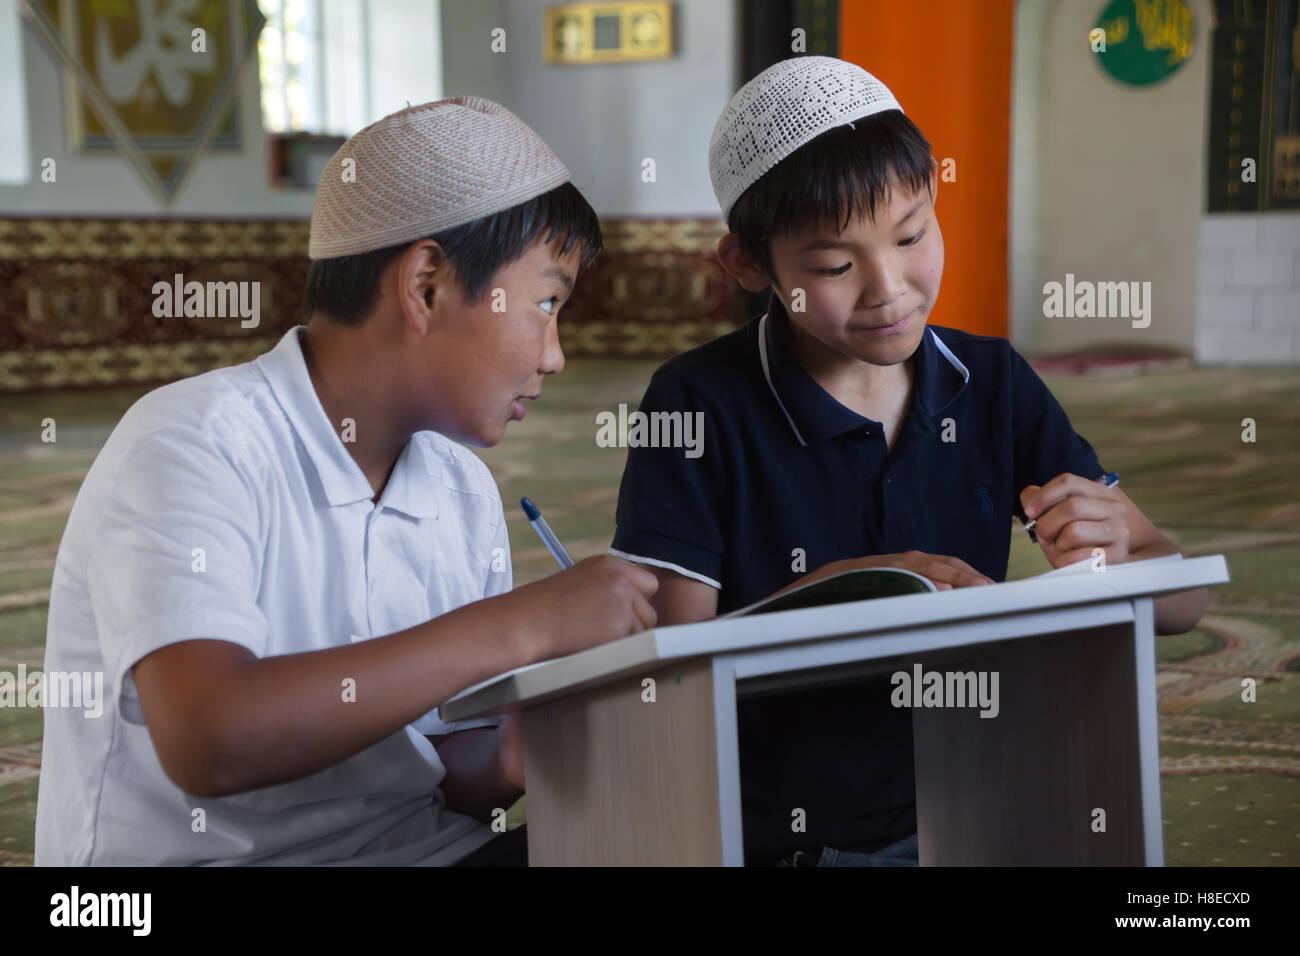 Kyrgyzstan - Foto di ragazzi a medressa, scuola islamica - Persone di viaggio in Asia centrale Immagini Stock